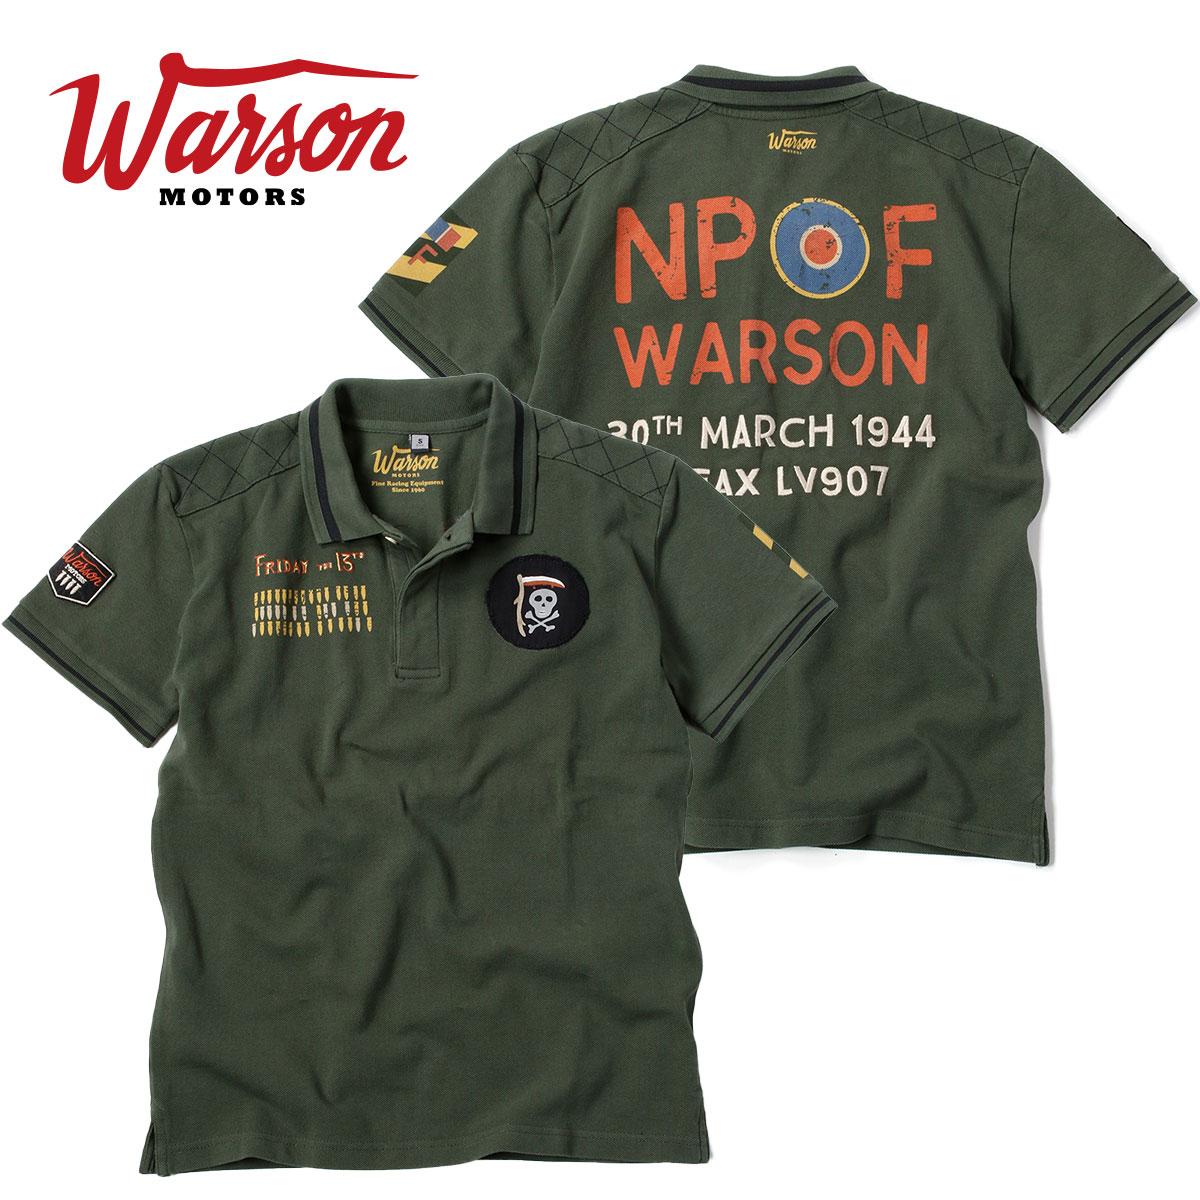 【ワーソンモータース/Warson Motors】フライデー・ザ・13th ポロシャツ メンズ 半袖 ミリタリー 父の日 ギフト プレゼント